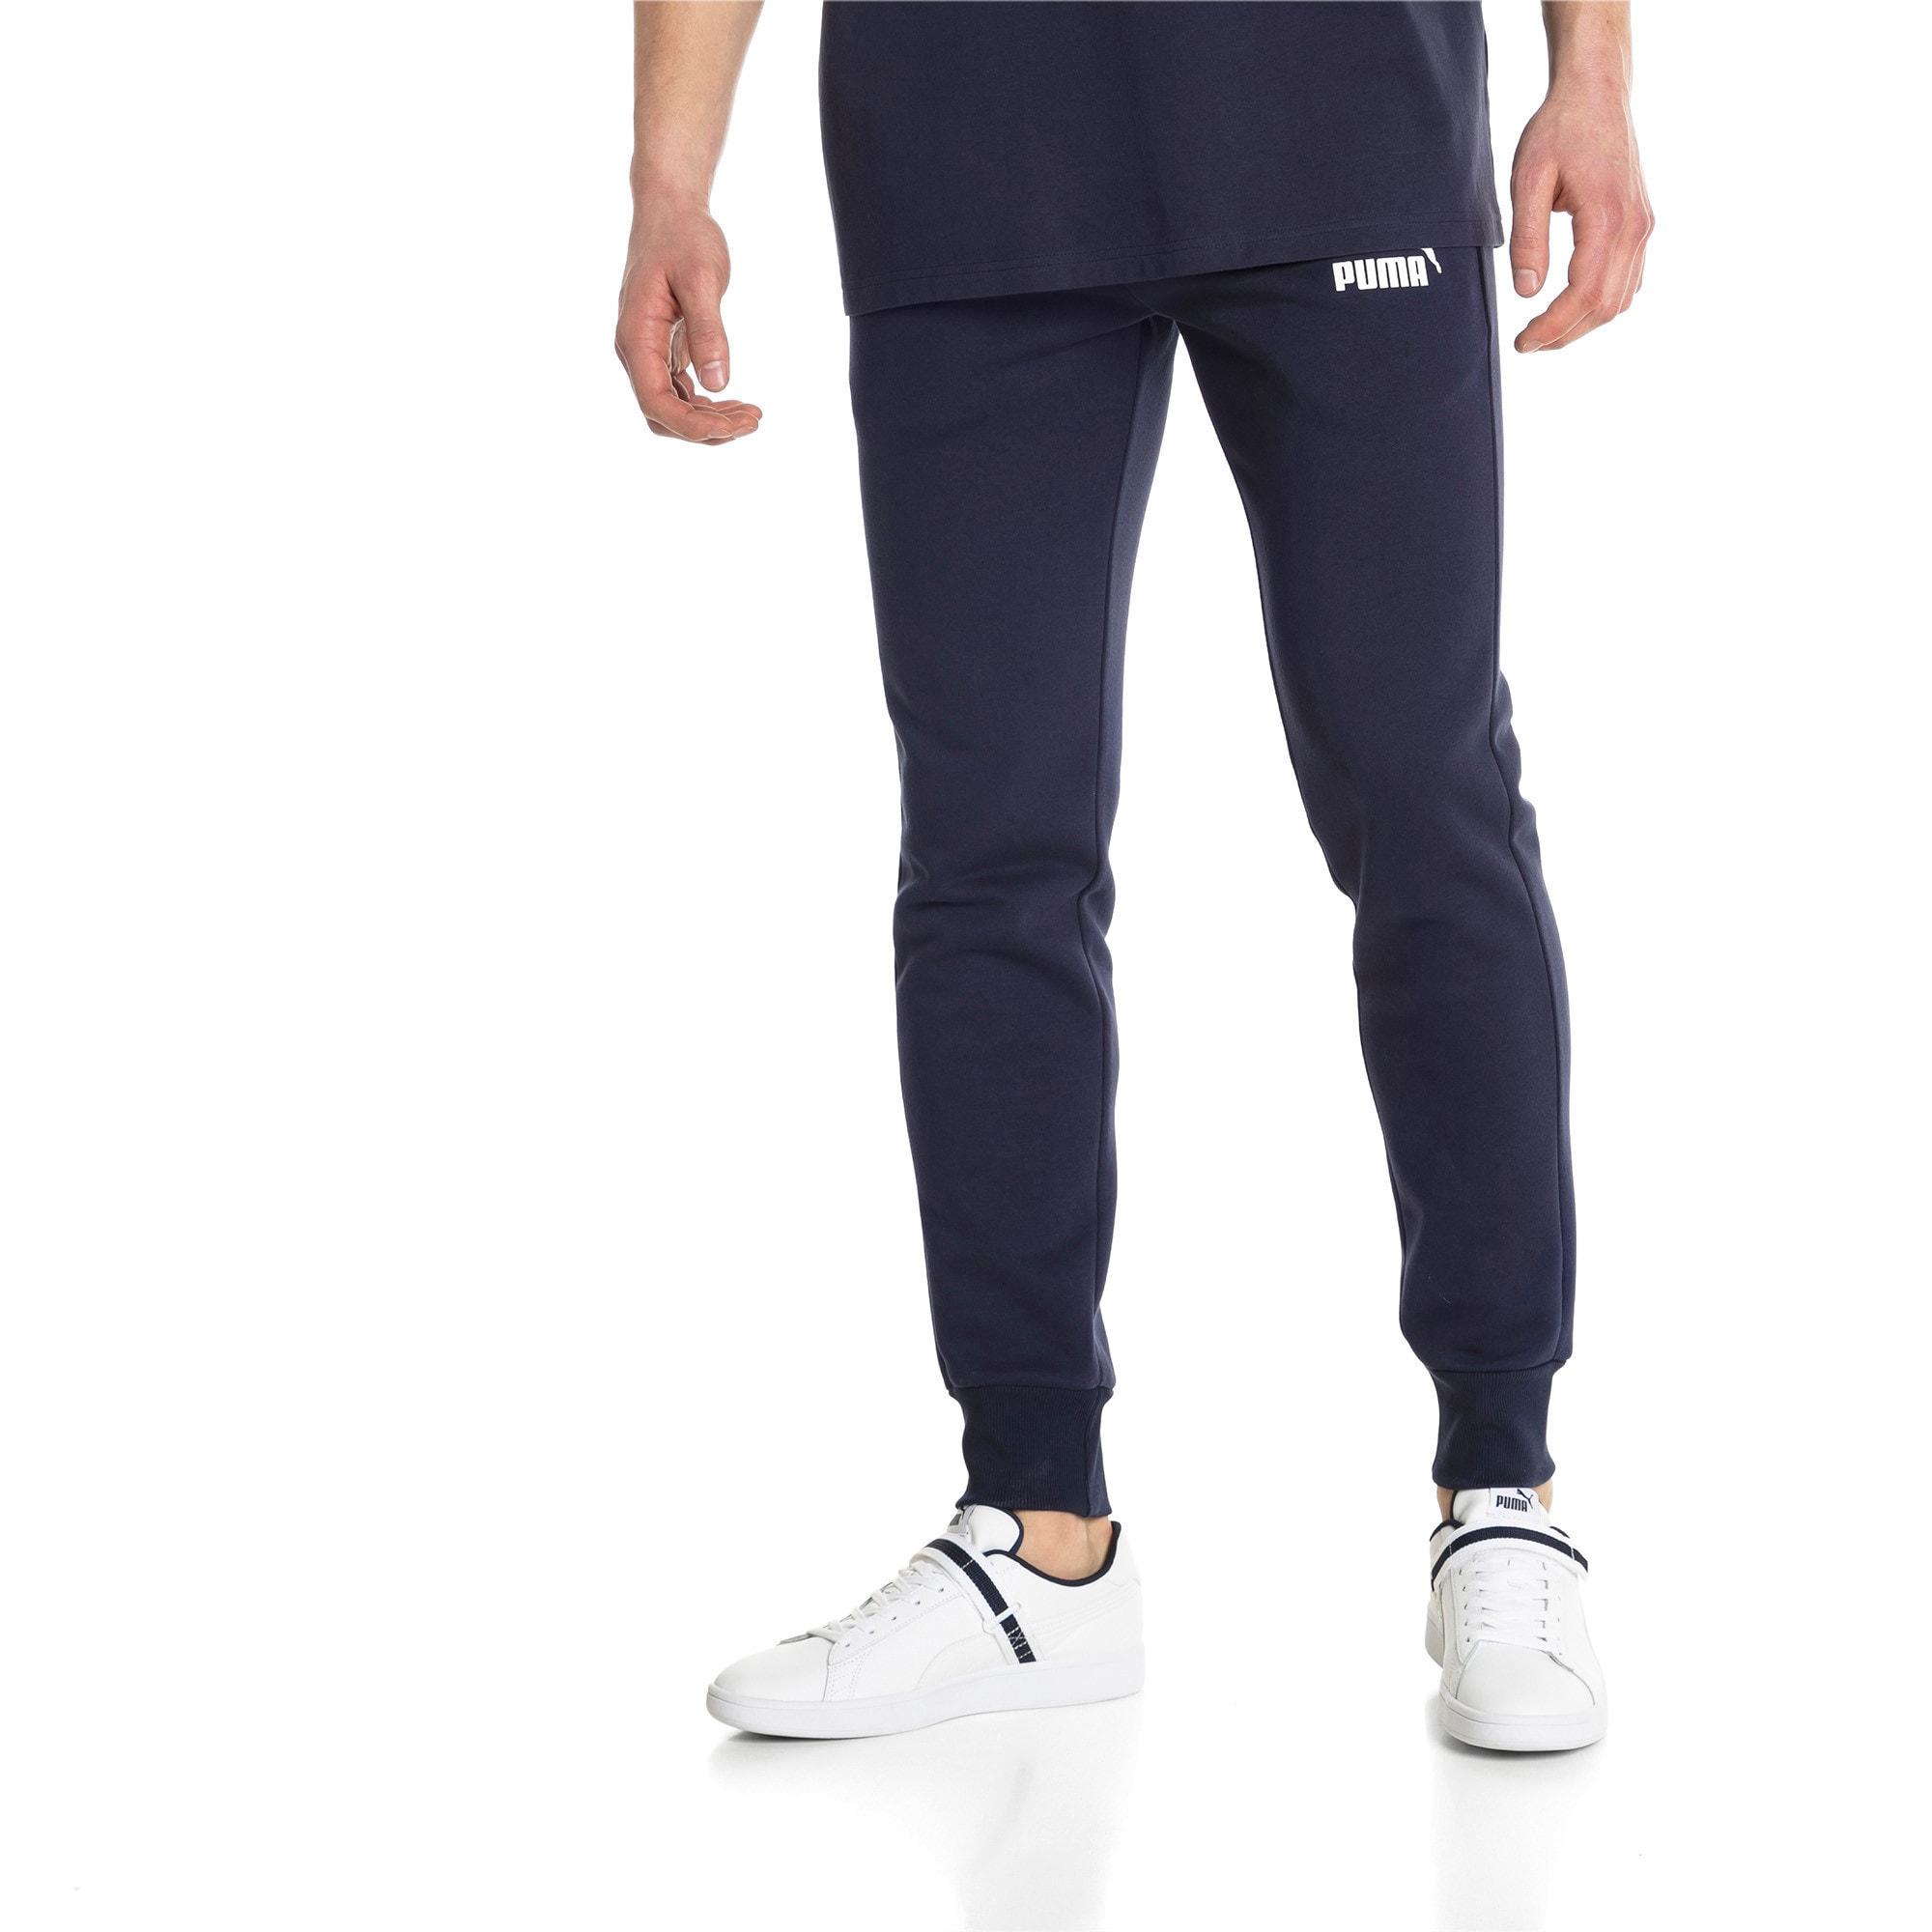 Miniatura 1 de Pantalones de polar Essentials para hombre, Peacoat, mediano